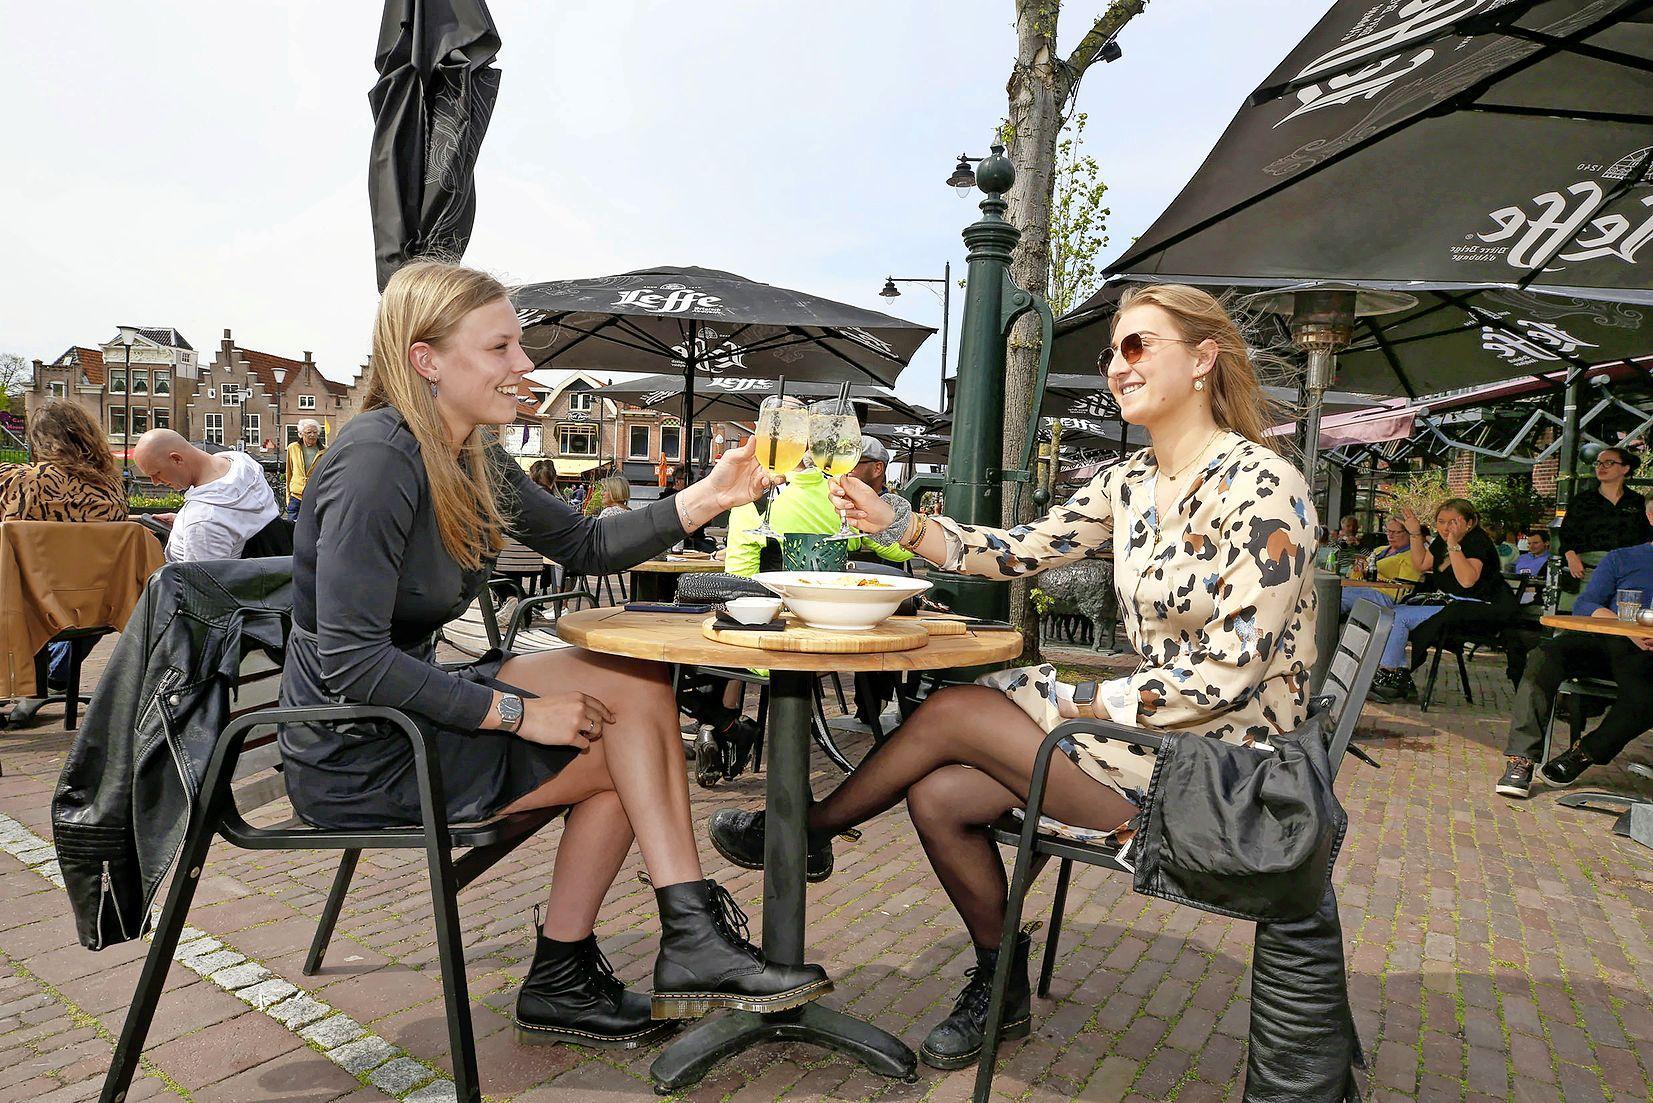 Lisa en Isa nemen er nog eentje in Schagen. 'Want daar zijn de terrassen toch 't gezelligst'. Eindelijk een zonnige middag voor de horeca